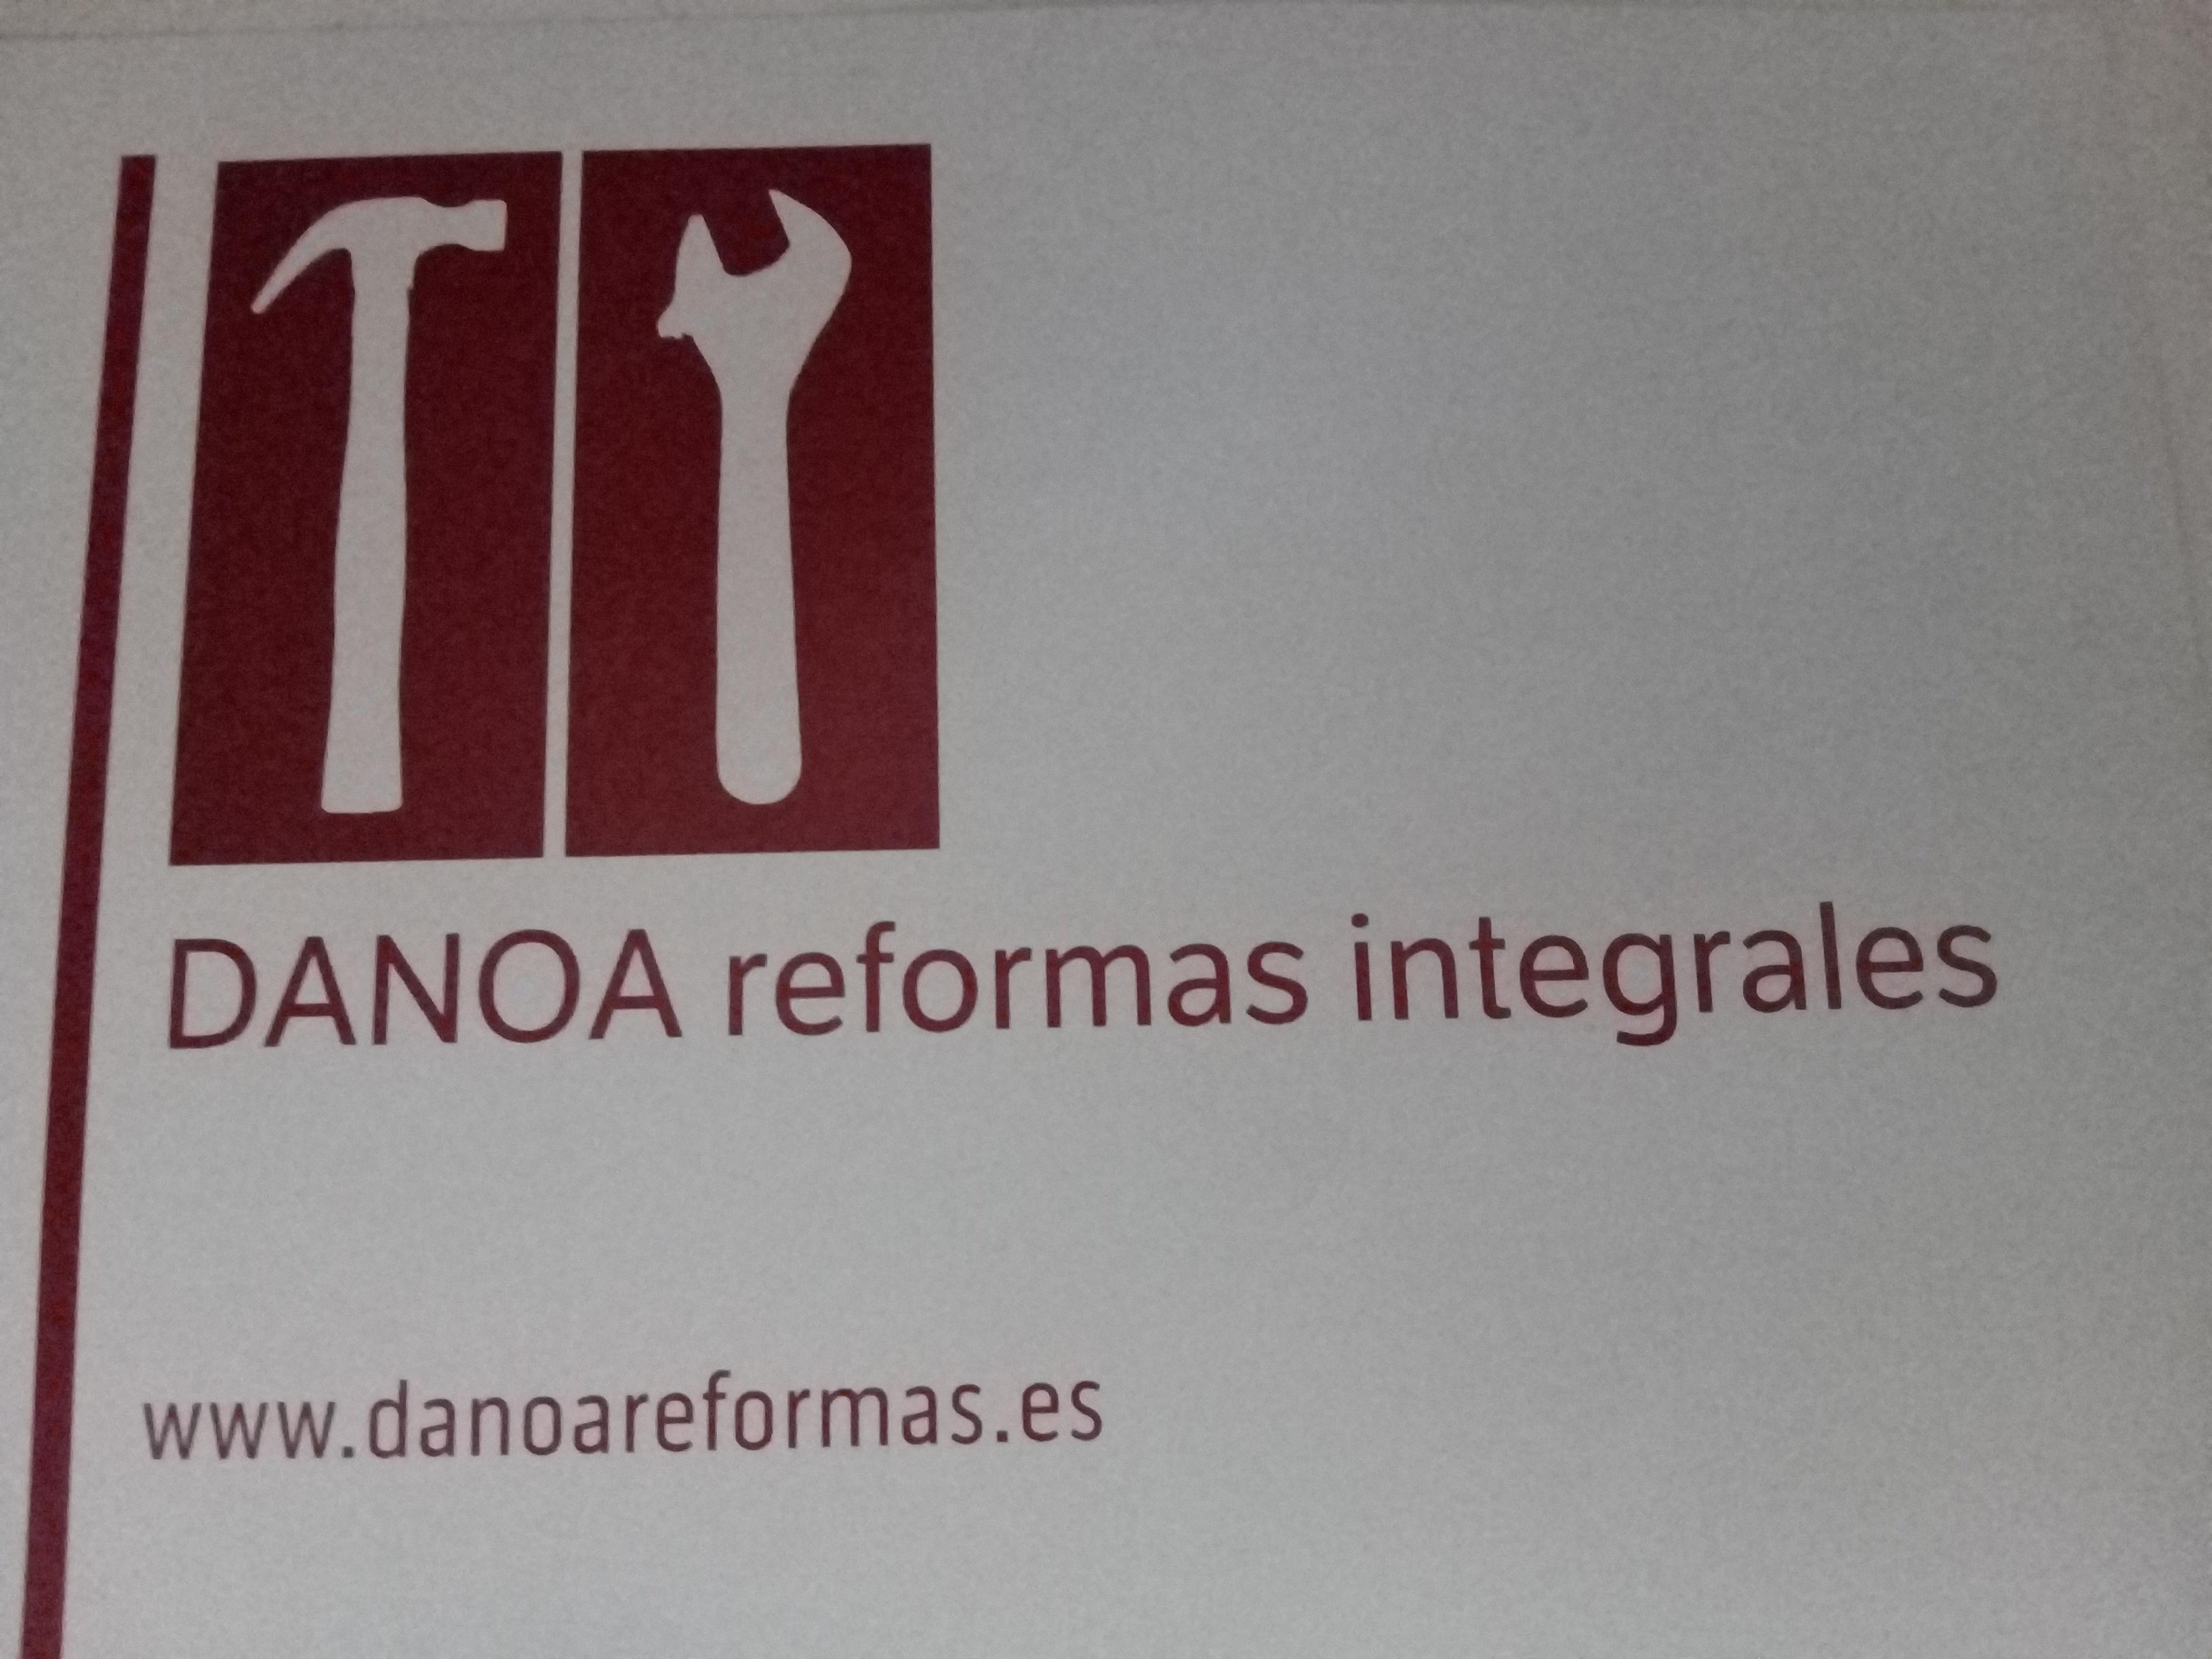 Danoa Reformas Integrales